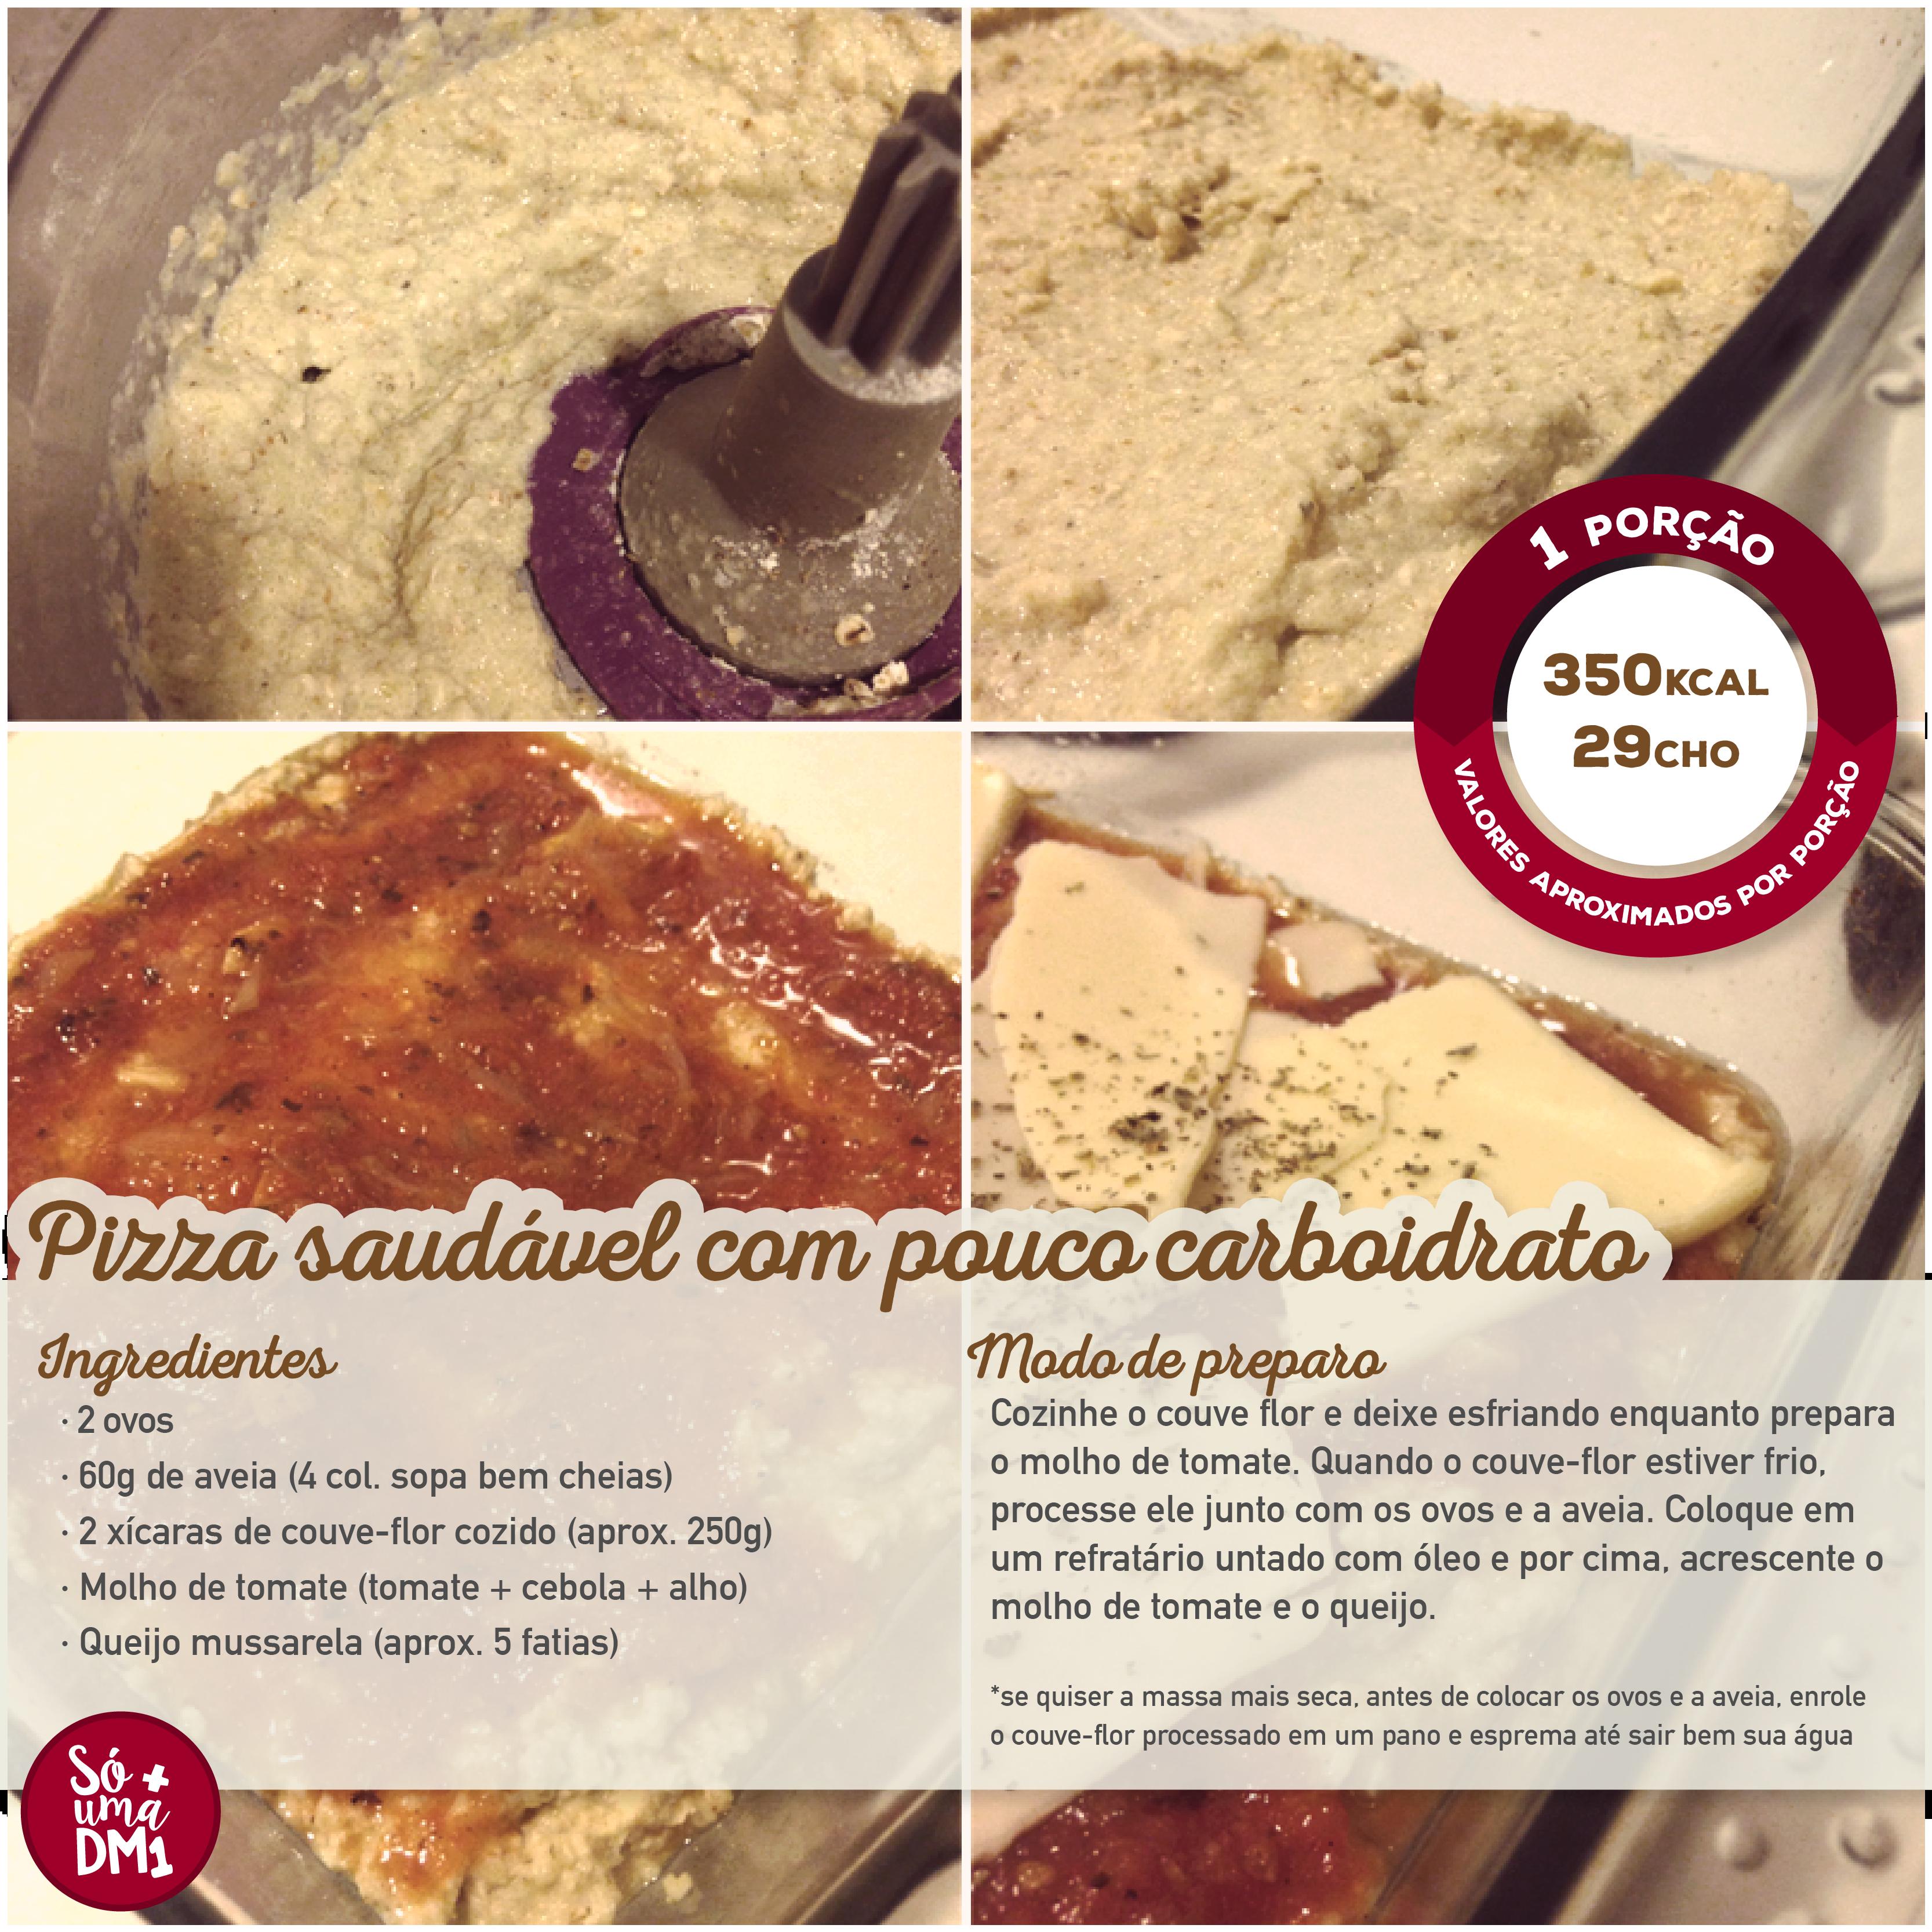 Pizza saudável low carb